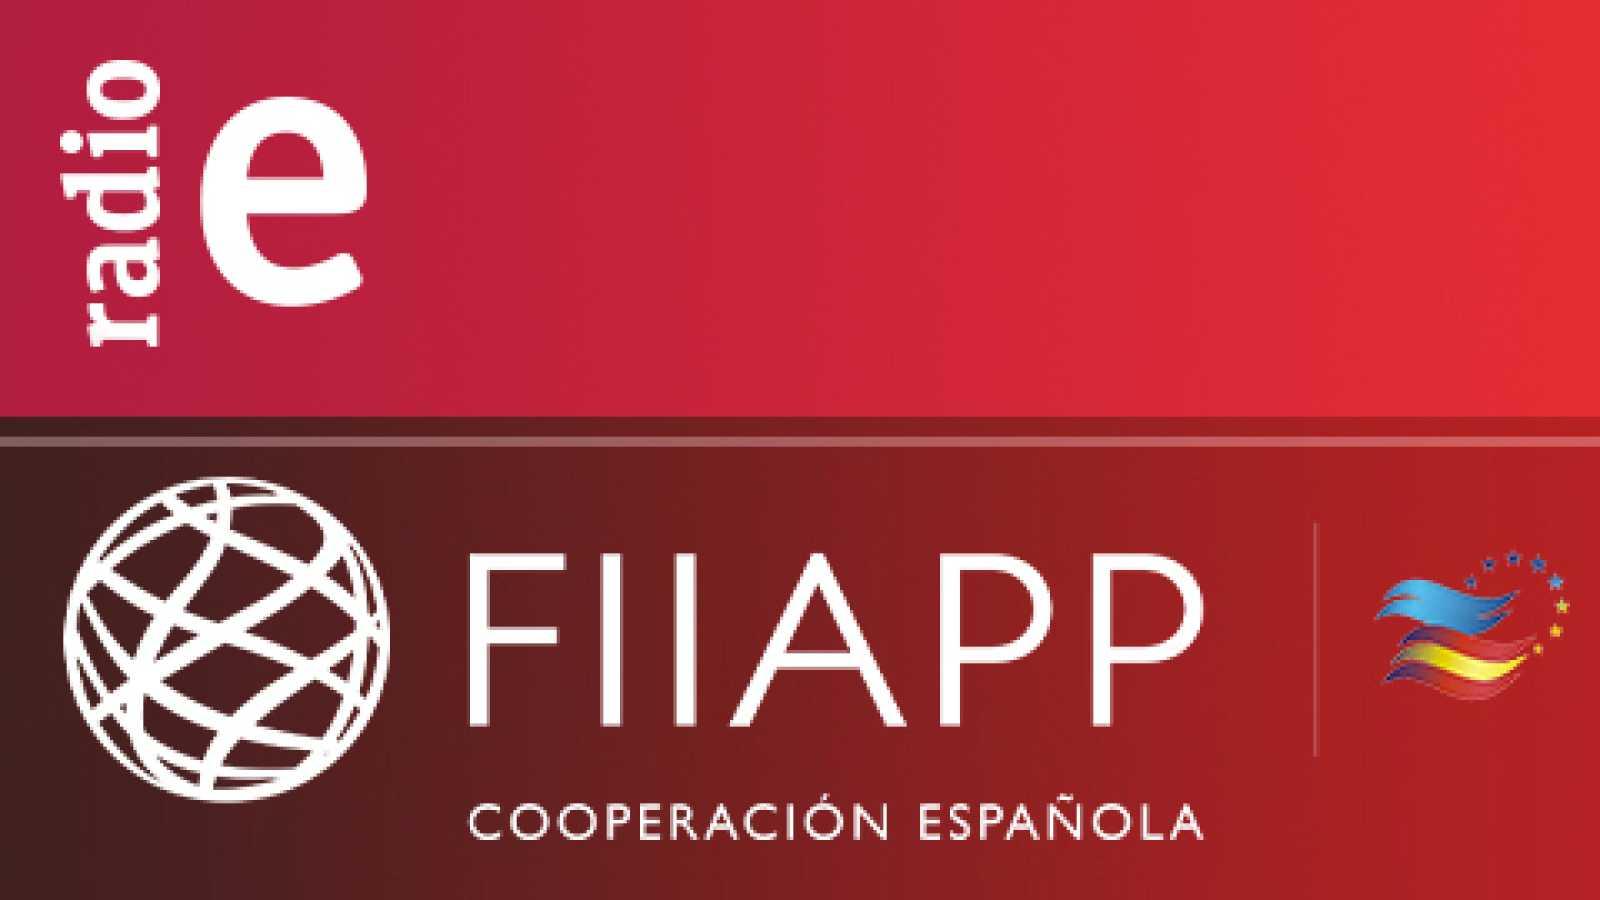 Cooperación pública en el mundo (FIIAPP) - Los proyectos de cooperación Twinning - 26/05/21 - escuchar ahora